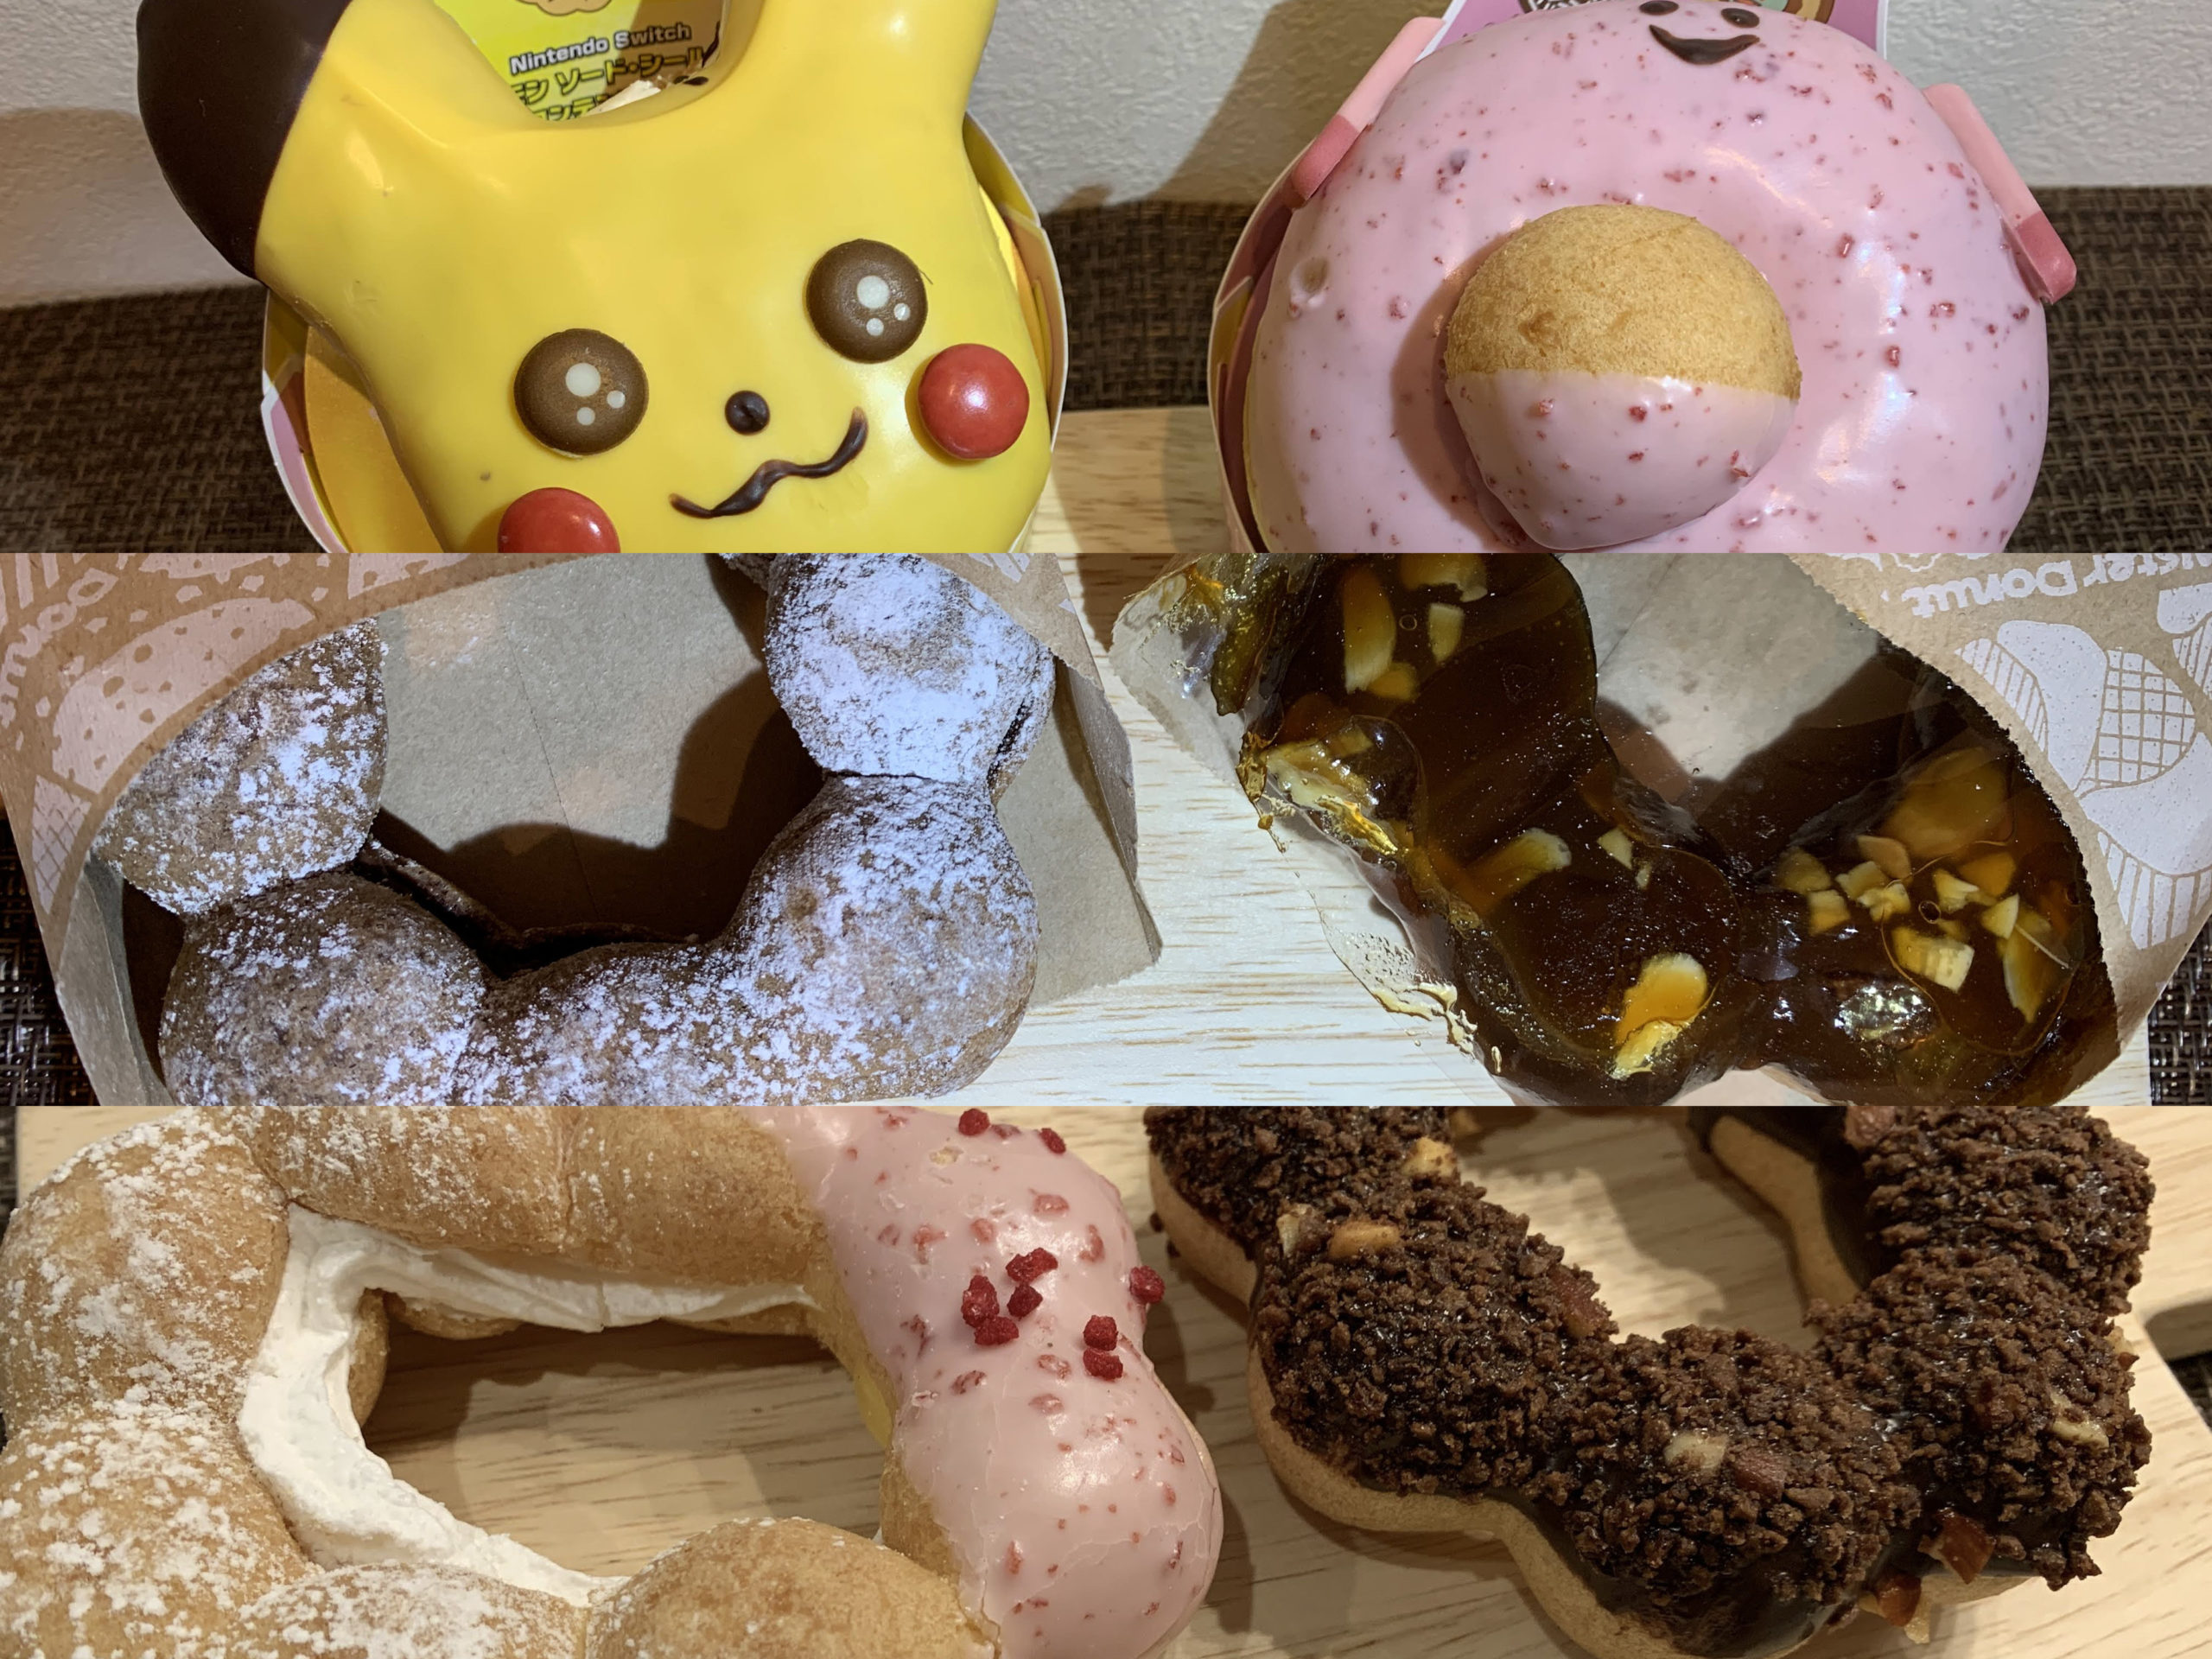 ミスドの美味しかったドーナツランキング2020/限定商品・コラボ商品